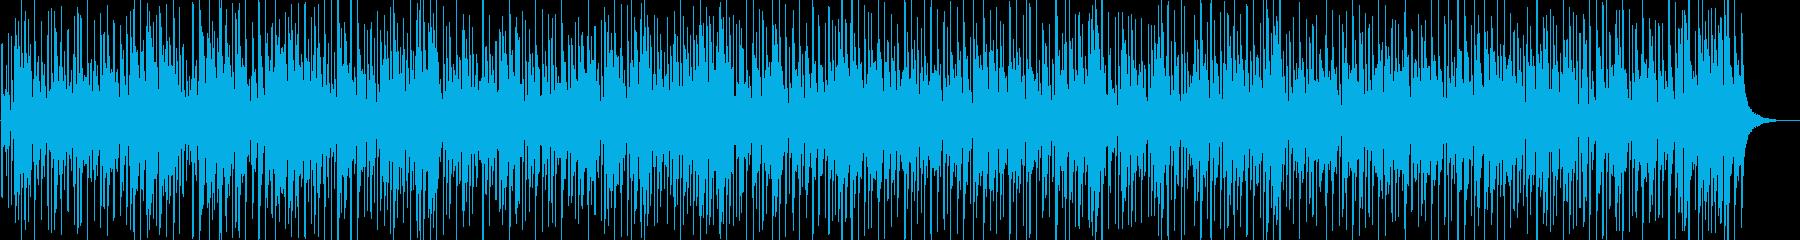 南国のイメージ、マリンバが印象的なBGMの再生済みの波形